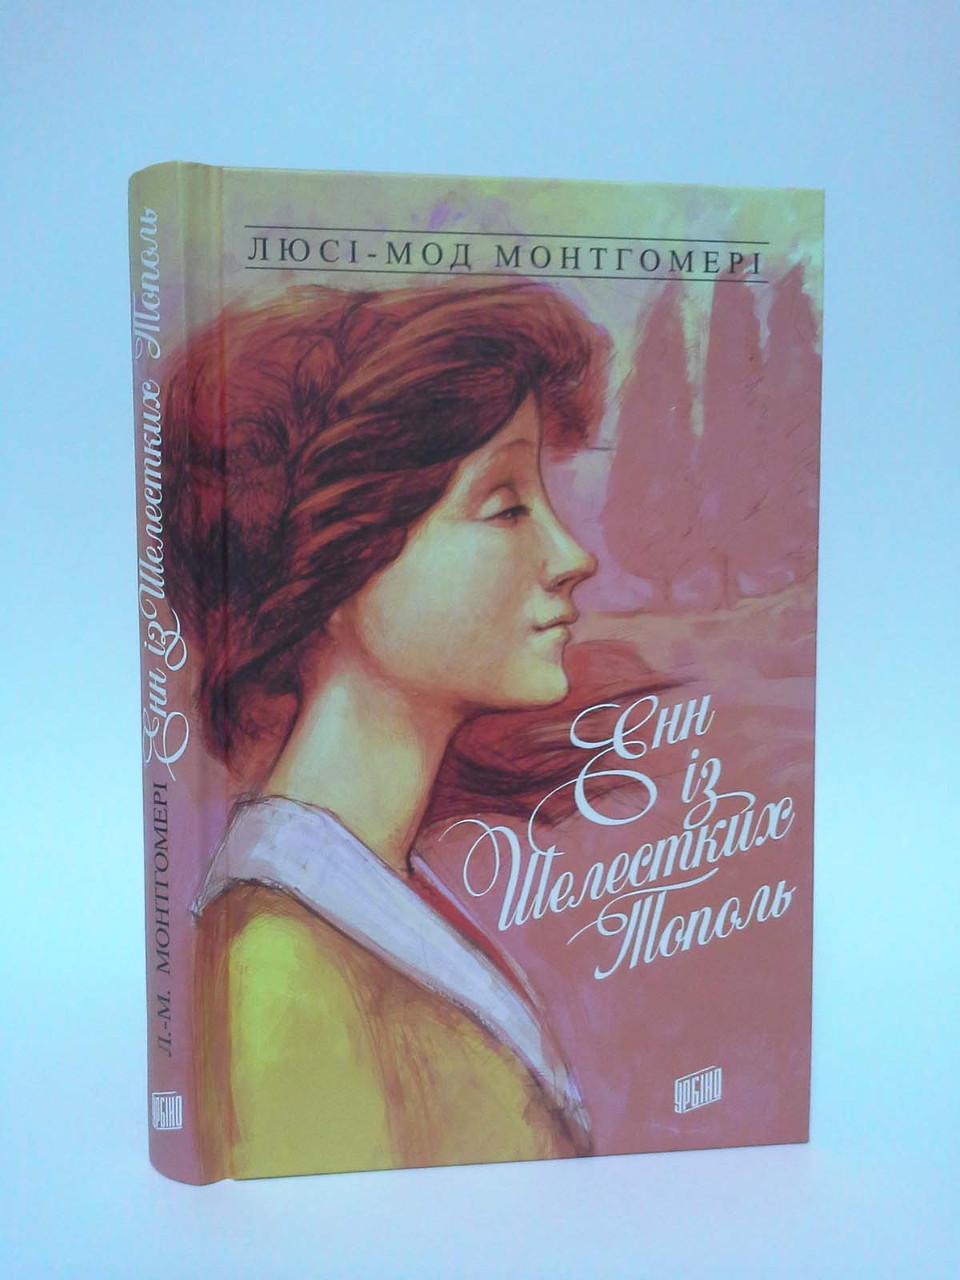 Енн із Шелестких Тополь. Люсі-Мод Монтгомері. Книга 4. Урбіно